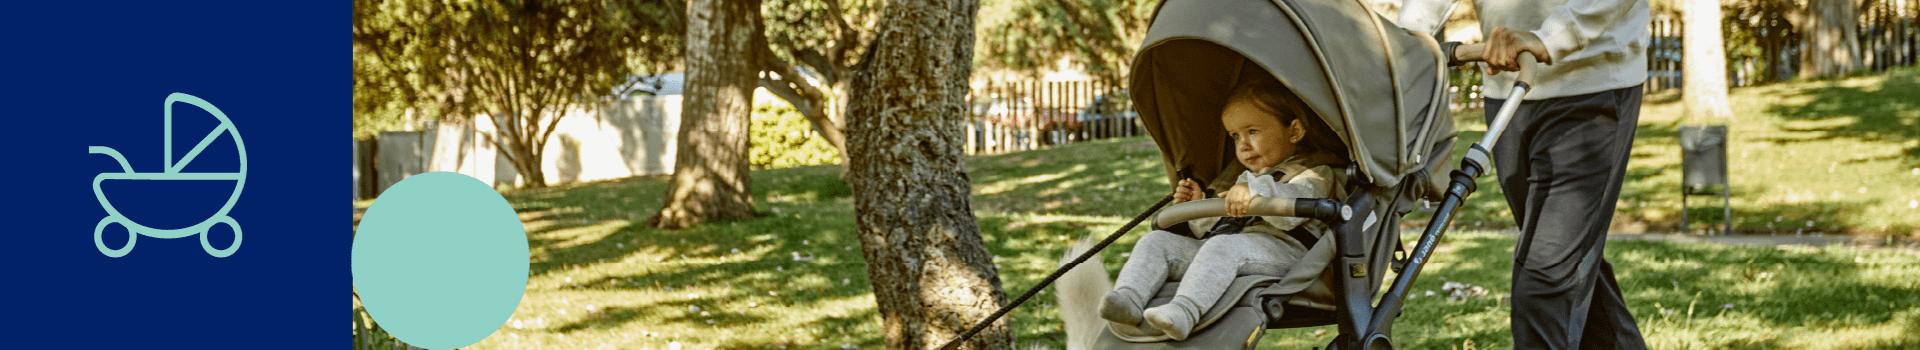 Promenades bébé | Poussettes et accessoires bébé | Janéword